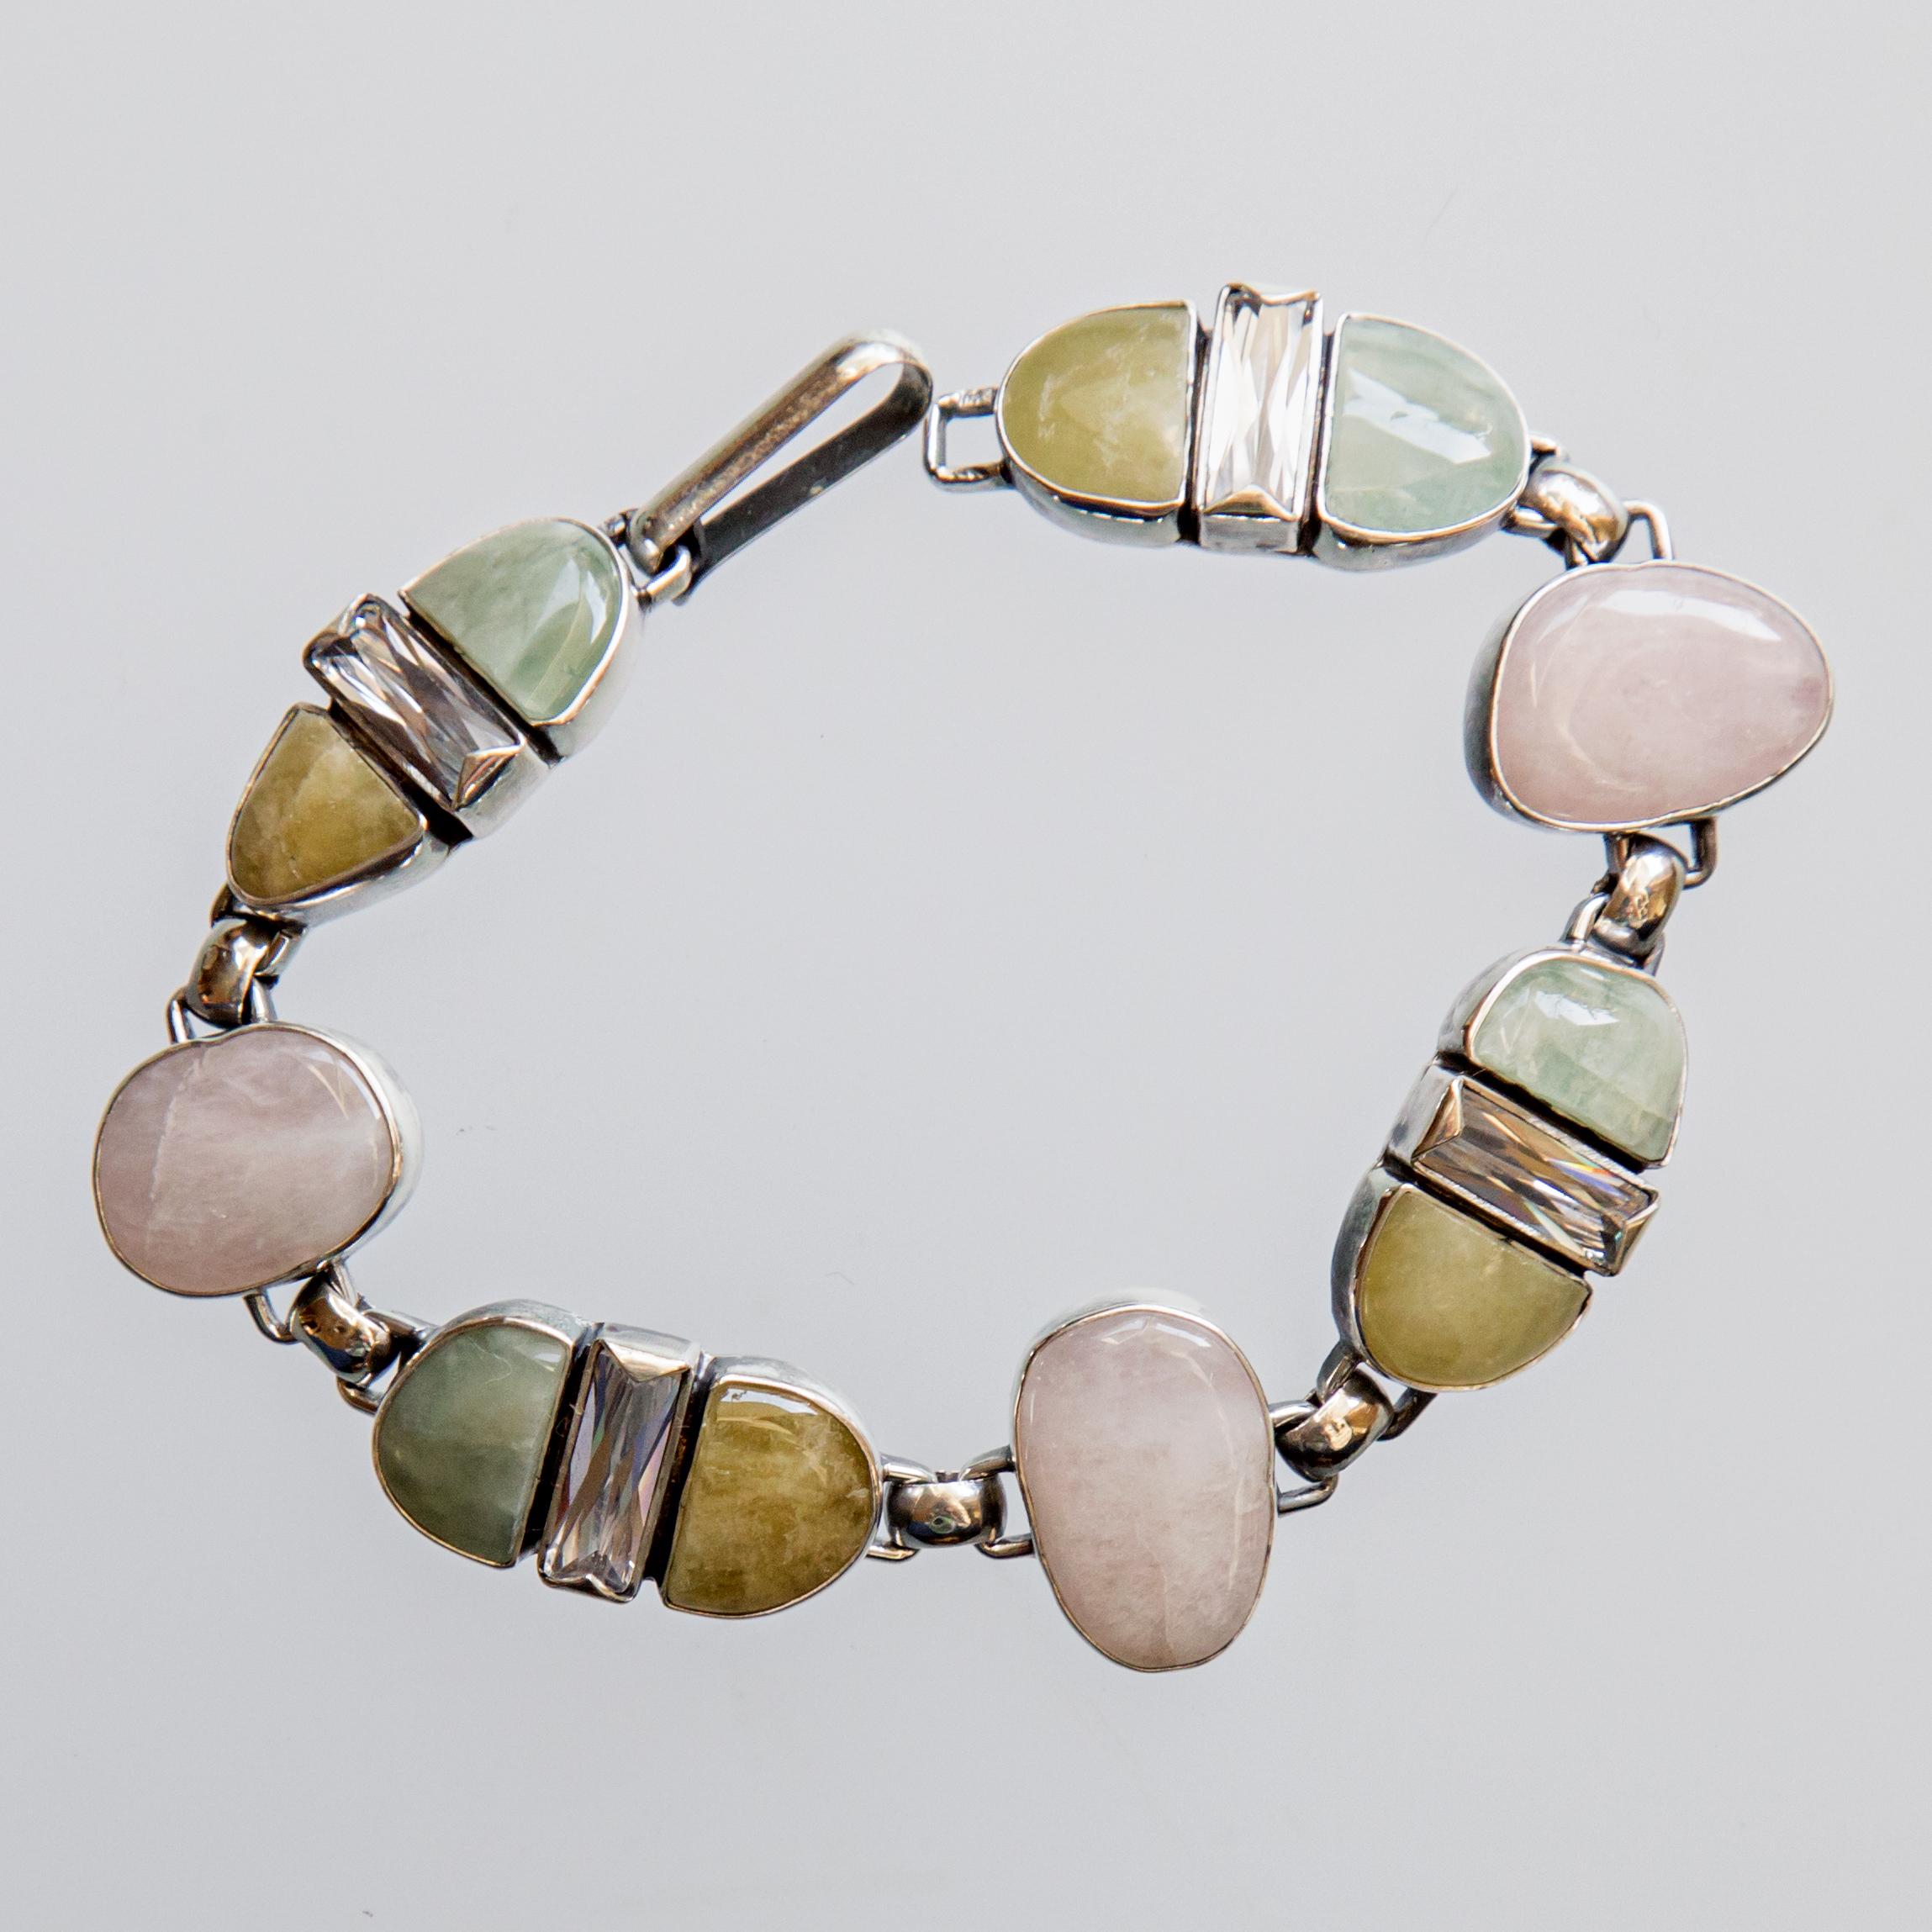 Srebrna bransoleta z berylami i podłużnymi cyrkoniami